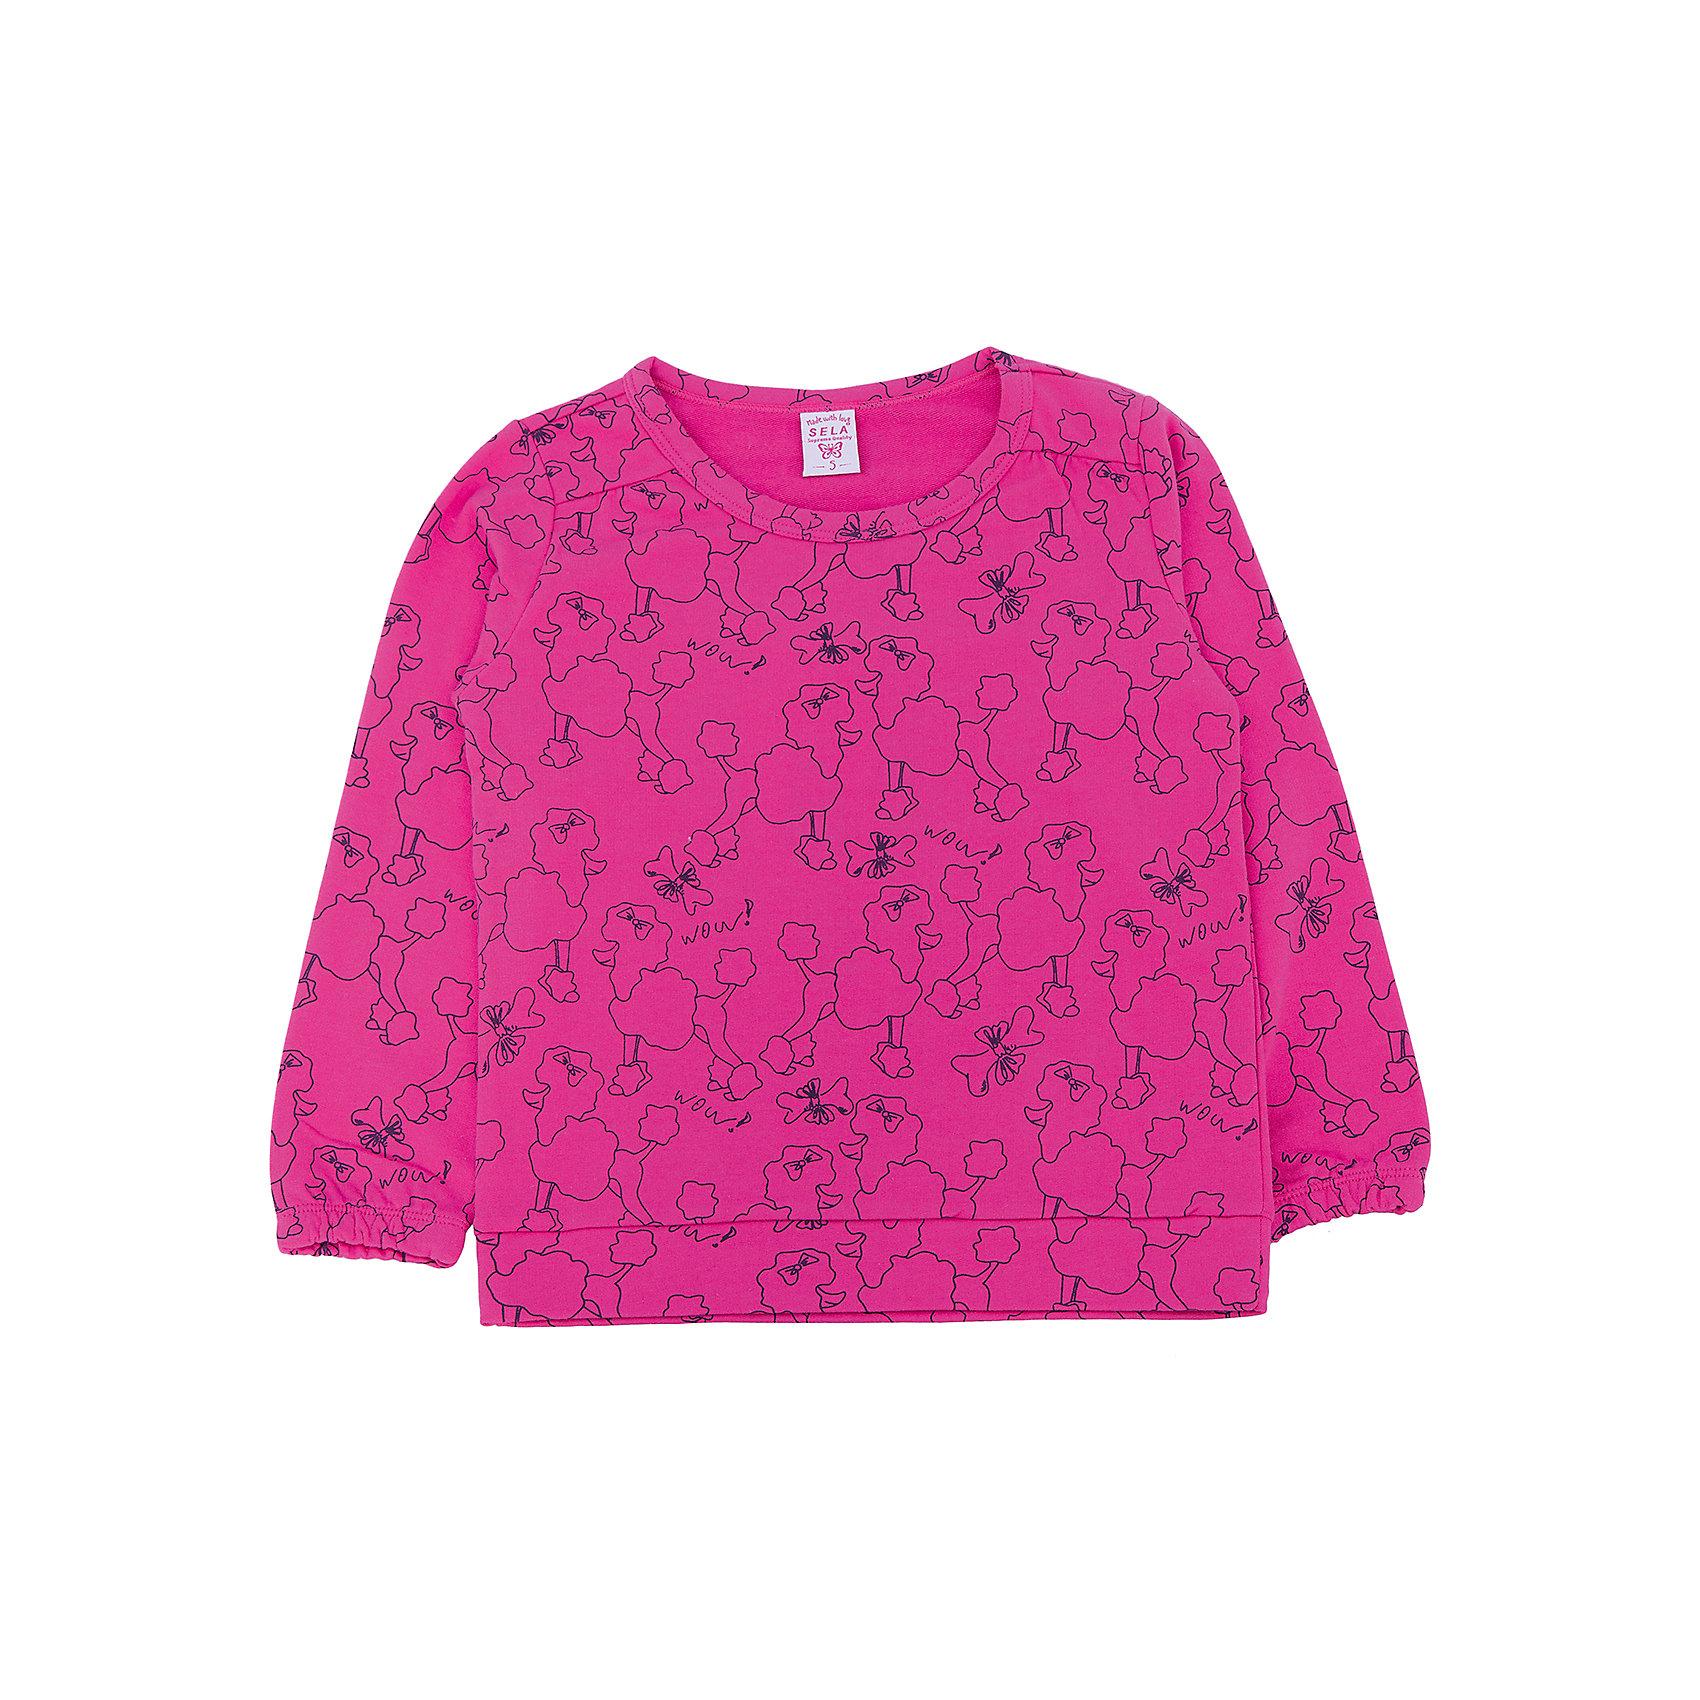 Толстовка для девочки SELAТолстовки<br>Толстовка для девочки из коллекции осень-зима 2016-2017 от известного бренда SELA. Удобный яркий хлопковый джемпер на каждый день. Насыщенный цвет фуксии и рисунки королевских пуделей придут по вкусу модницам и любительницам животных. Джемпер отлично подойдет к юбкам и к джинсам.<br><br>Дополнительная информация:<br>- Длина: нормальная<br>- Рукав длинный<br>- Силуэт: прямой<br>Состав: 100% хлопок <br><br>Джемпер для девочек Sela можно купить в нашем интернет-магазине.<br><br>Подробнее:<br>• Для детей в возрасте: от 2 до 6 лет<br>• Номер товара: 4913369<br>Страна производитель: Китай<br><br>Ширина мм: 190<br>Глубина мм: 74<br>Высота мм: 229<br>Вес г: 236<br>Цвет: фиолетовый<br>Возраст от месяцев: 48<br>Возраст до месяцев: 60<br>Пол: Женский<br>Возраст: Детский<br>Размер: 110,104,98,92,116<br>SKU: 4913368